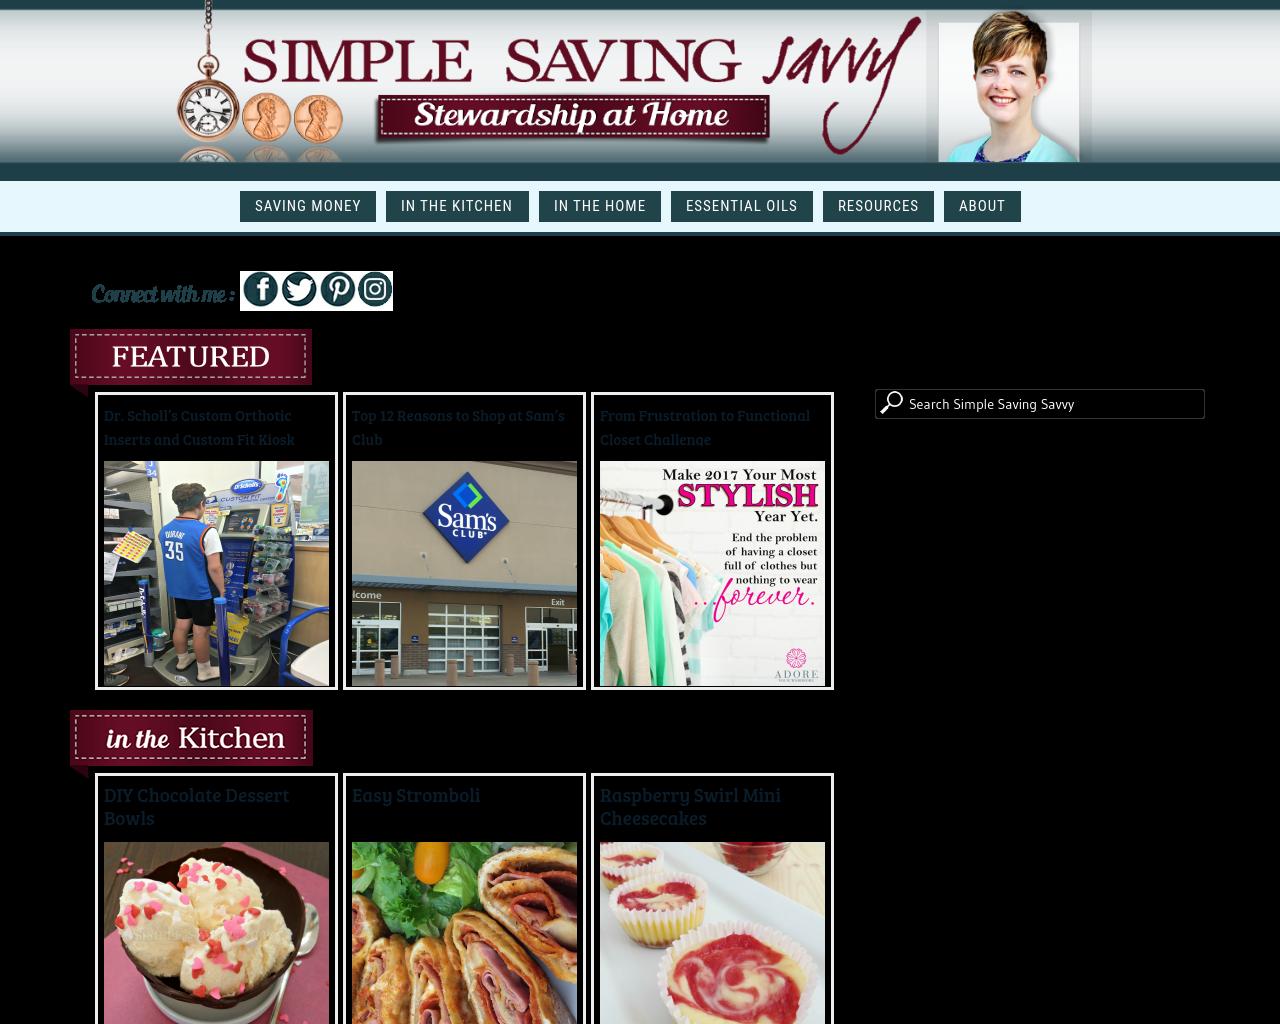 Simple-Saving-Savvy-Advertising-Reviews-Pricing